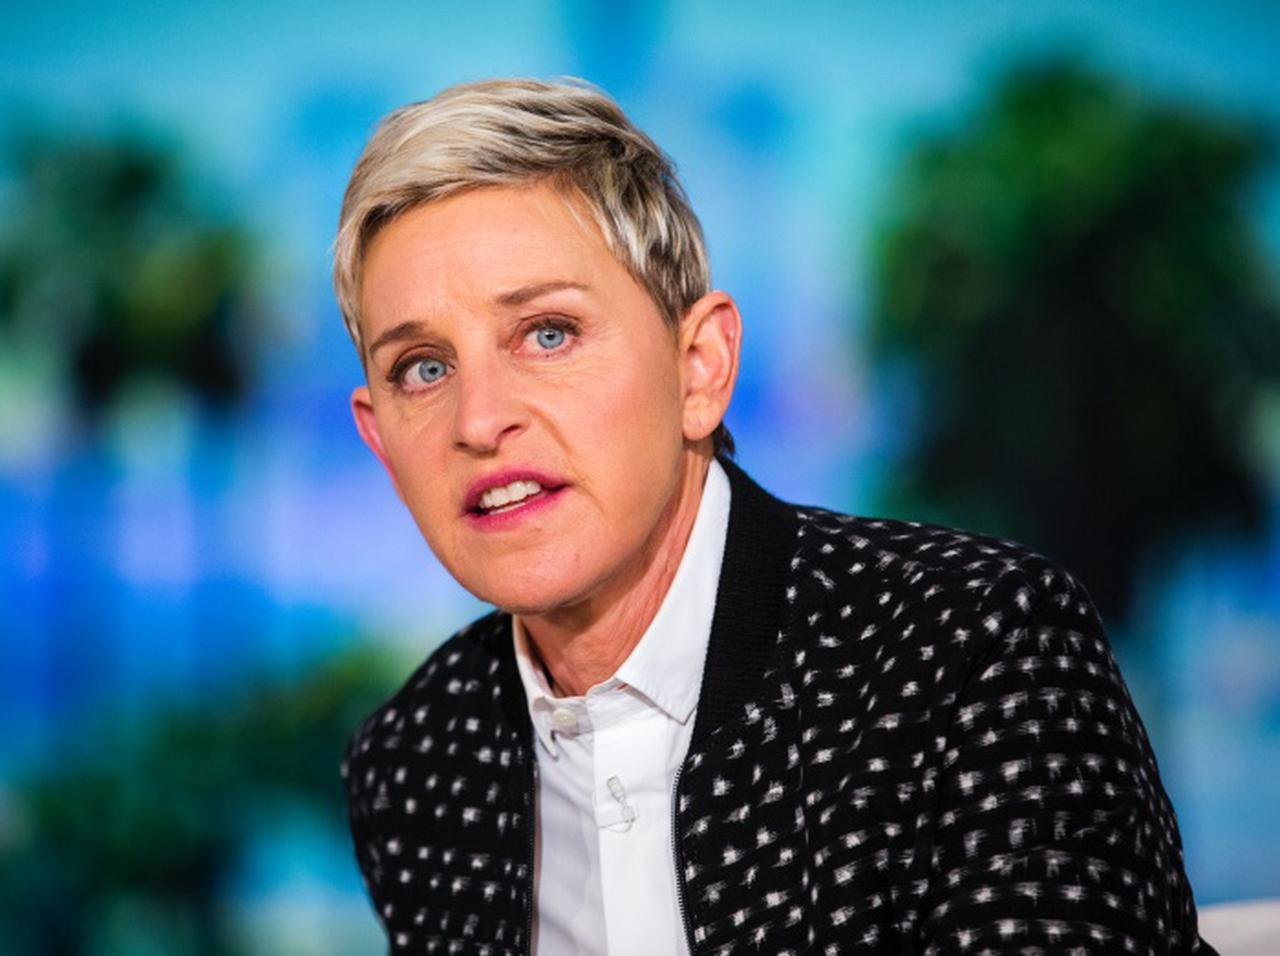 画像: パワハラやセクハラが告発されたトーク番組『エレンの部屋』は2022年で放送終了が決定。エレン・デジェネレス本人は、騒動と番組終了に関係はないとしている。